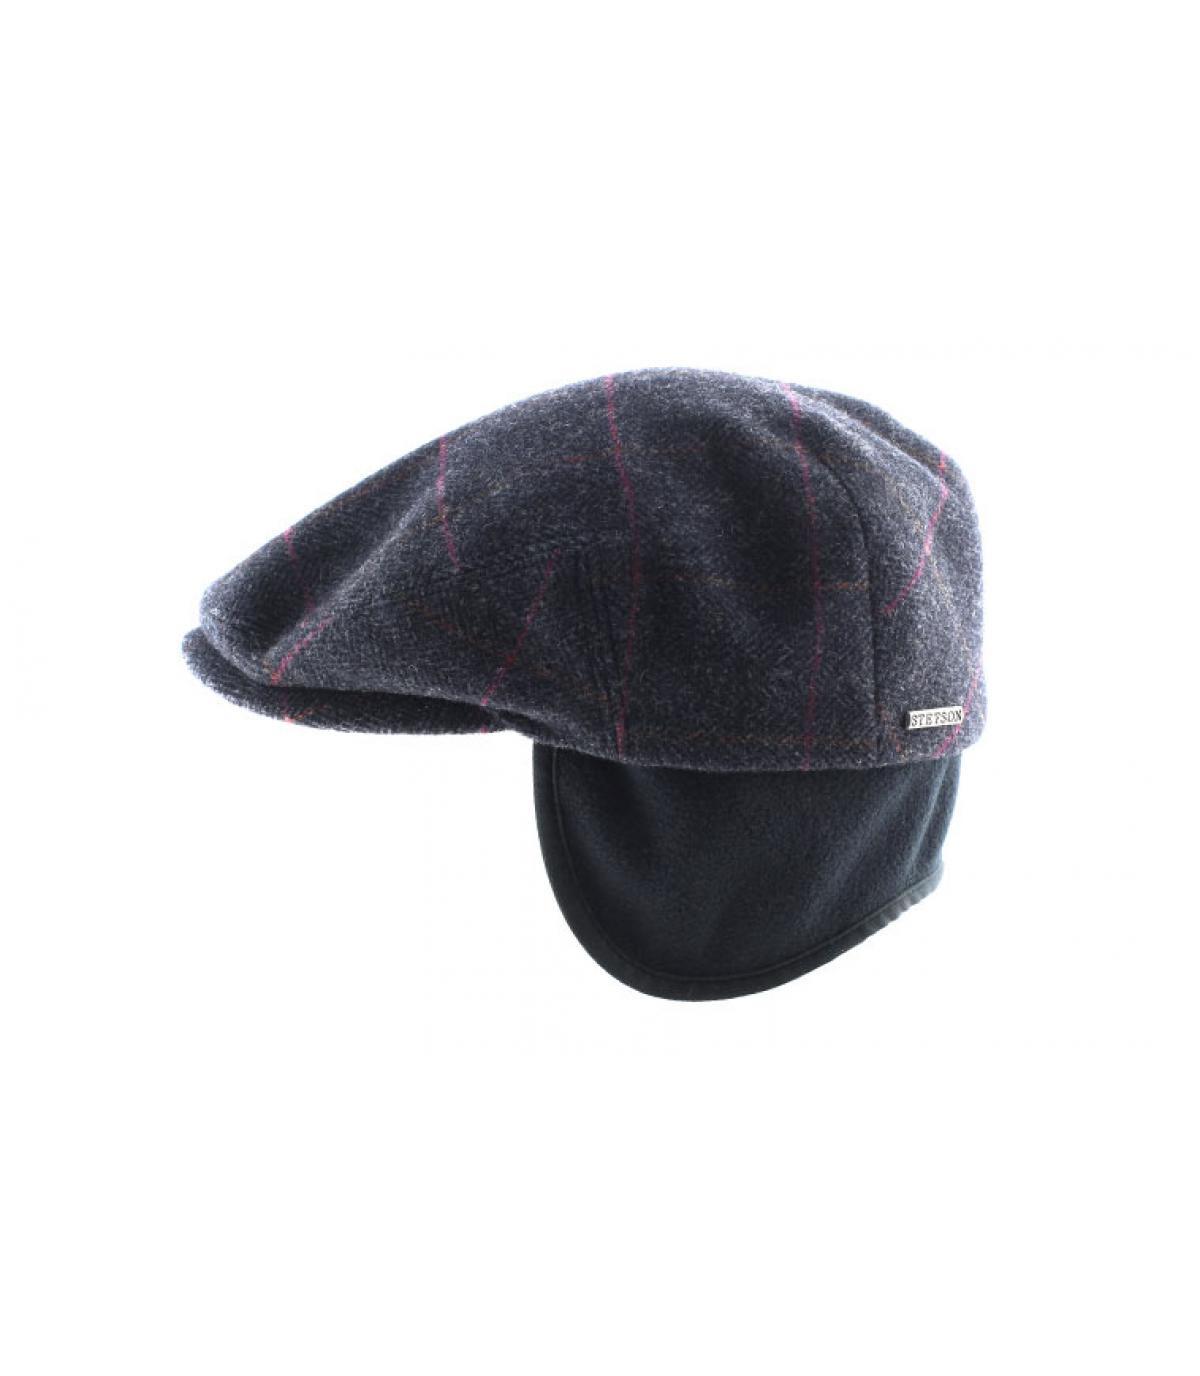 3880185c41db82 Stetson. Flat cap earflap. Détails Kent wool Earflap grey - image 4 ...